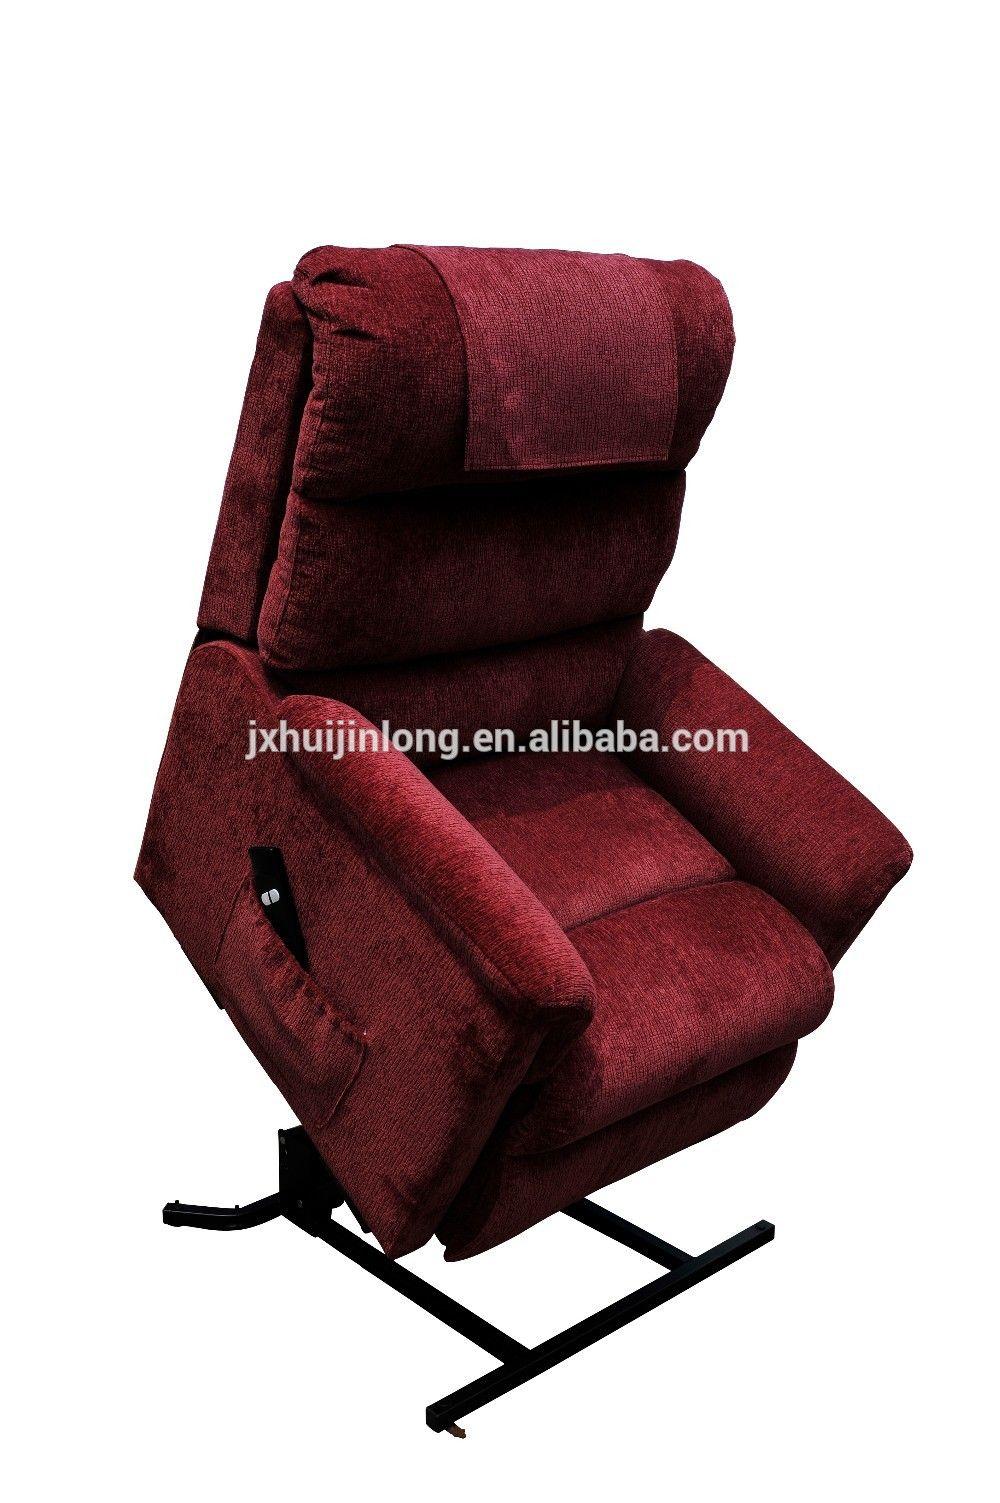 Modern Popular Power Electric Massage Lift Recliner Chair/armchair/rising  Recliner Chair   Buy Power Lift Chair,Rising Recliner Chair,Electric  Armchair ...